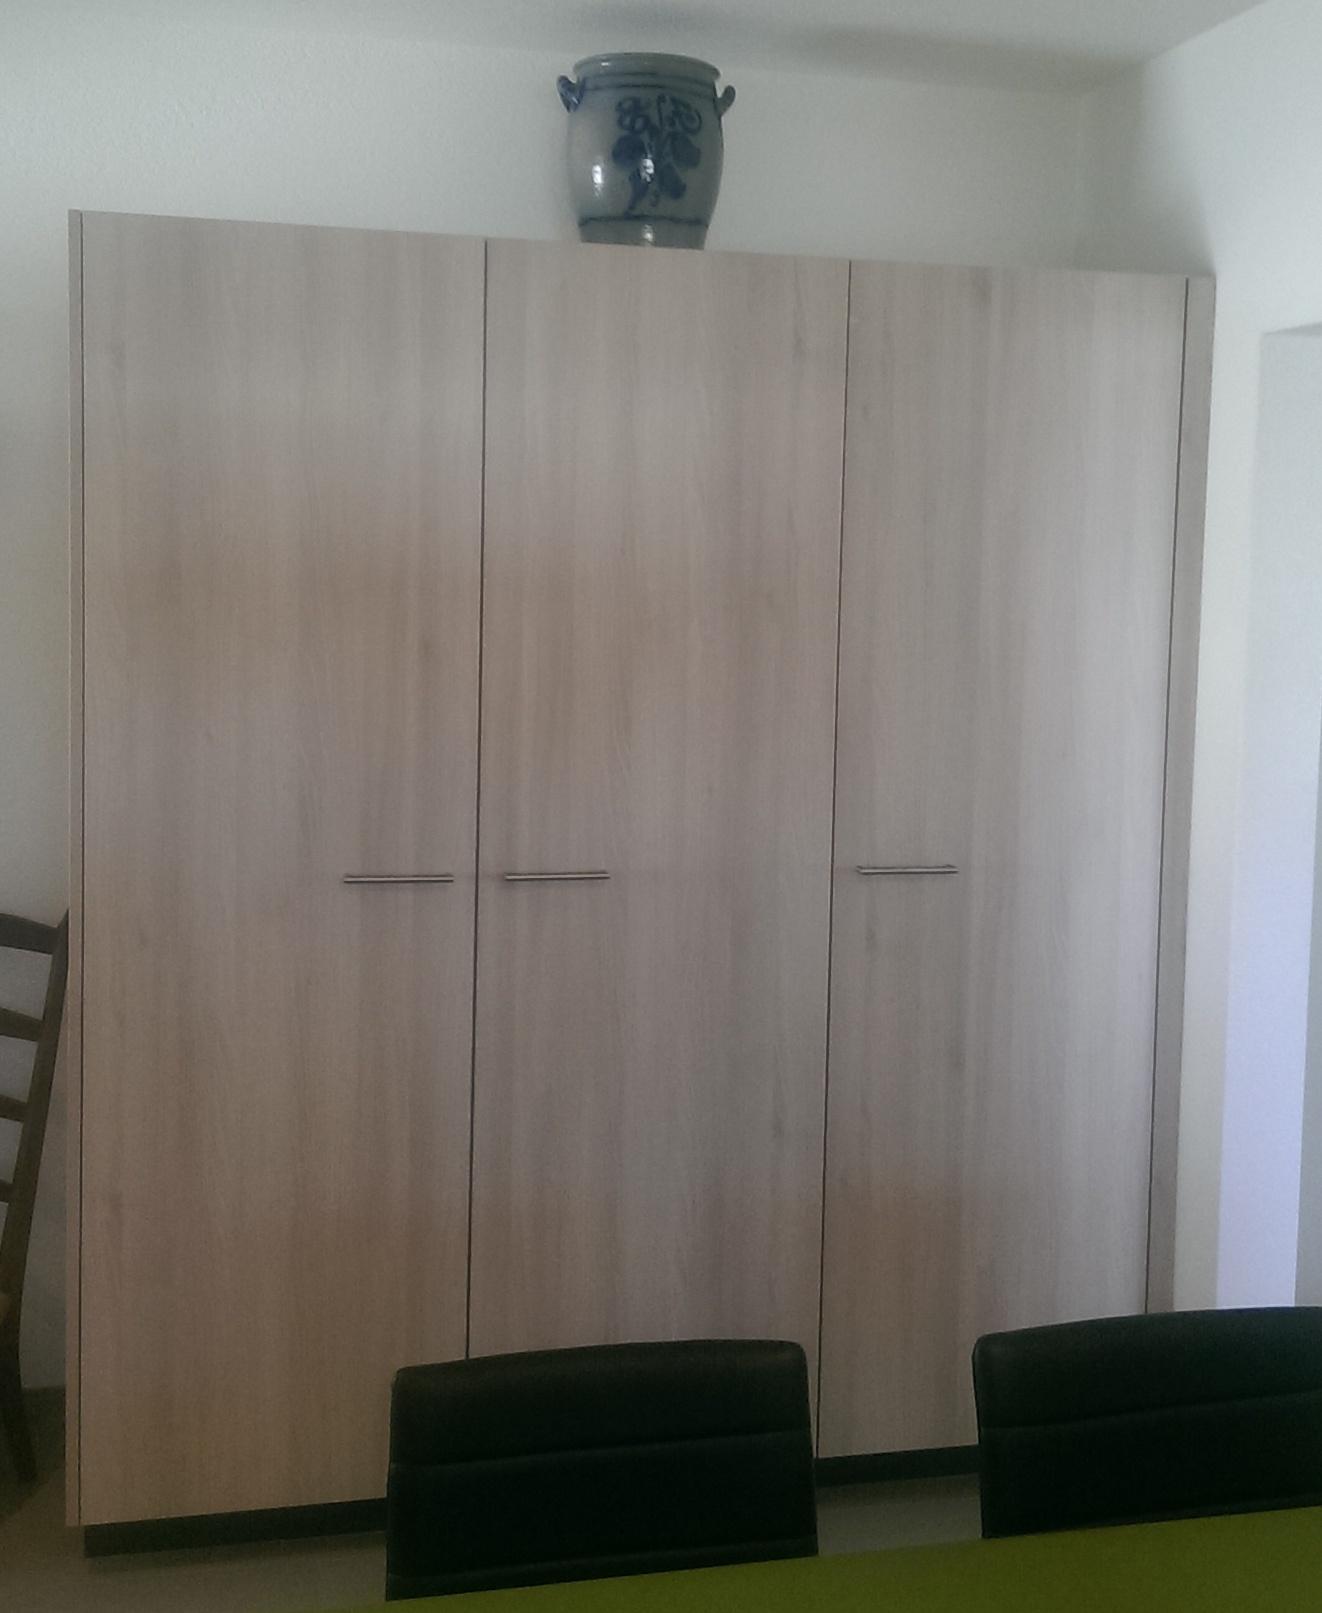 kche ber eck stunning elegant cool fabulous tovbbi kpek with ber eck with ber eck with wei ber. Black Bedroom Furniture Sets. Home Design Ideas